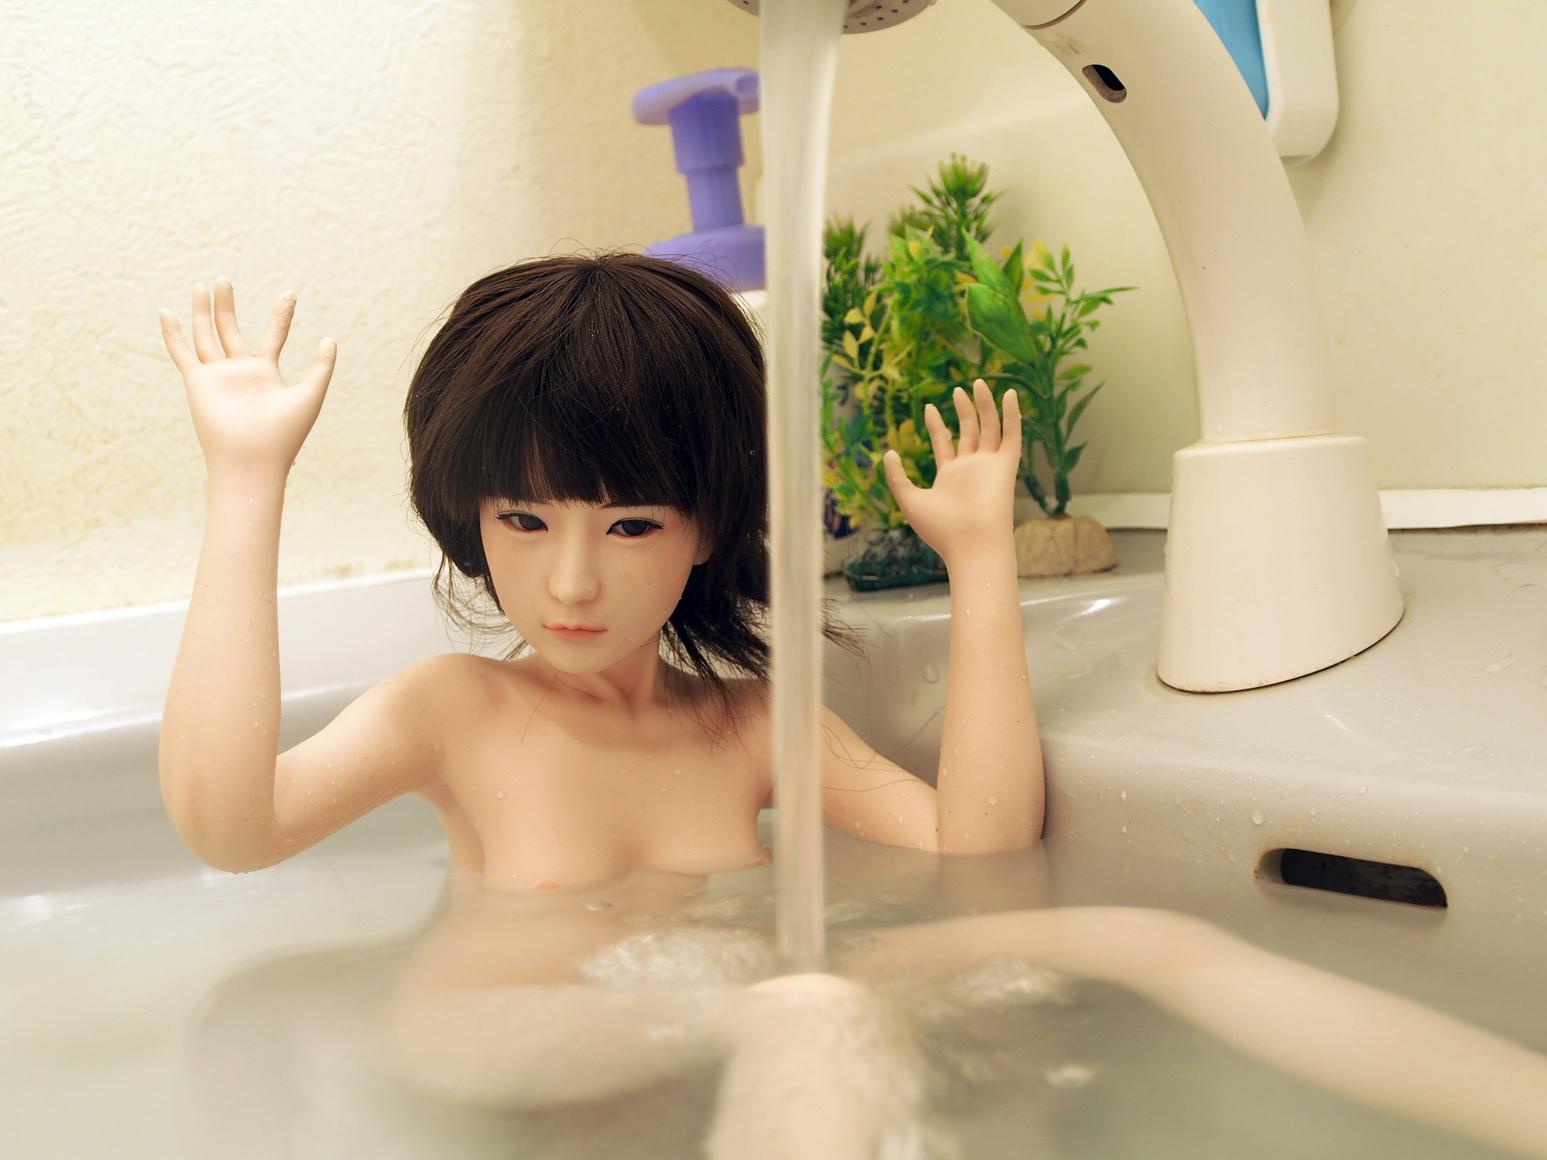 お風呂 誉 シームレスドール 10